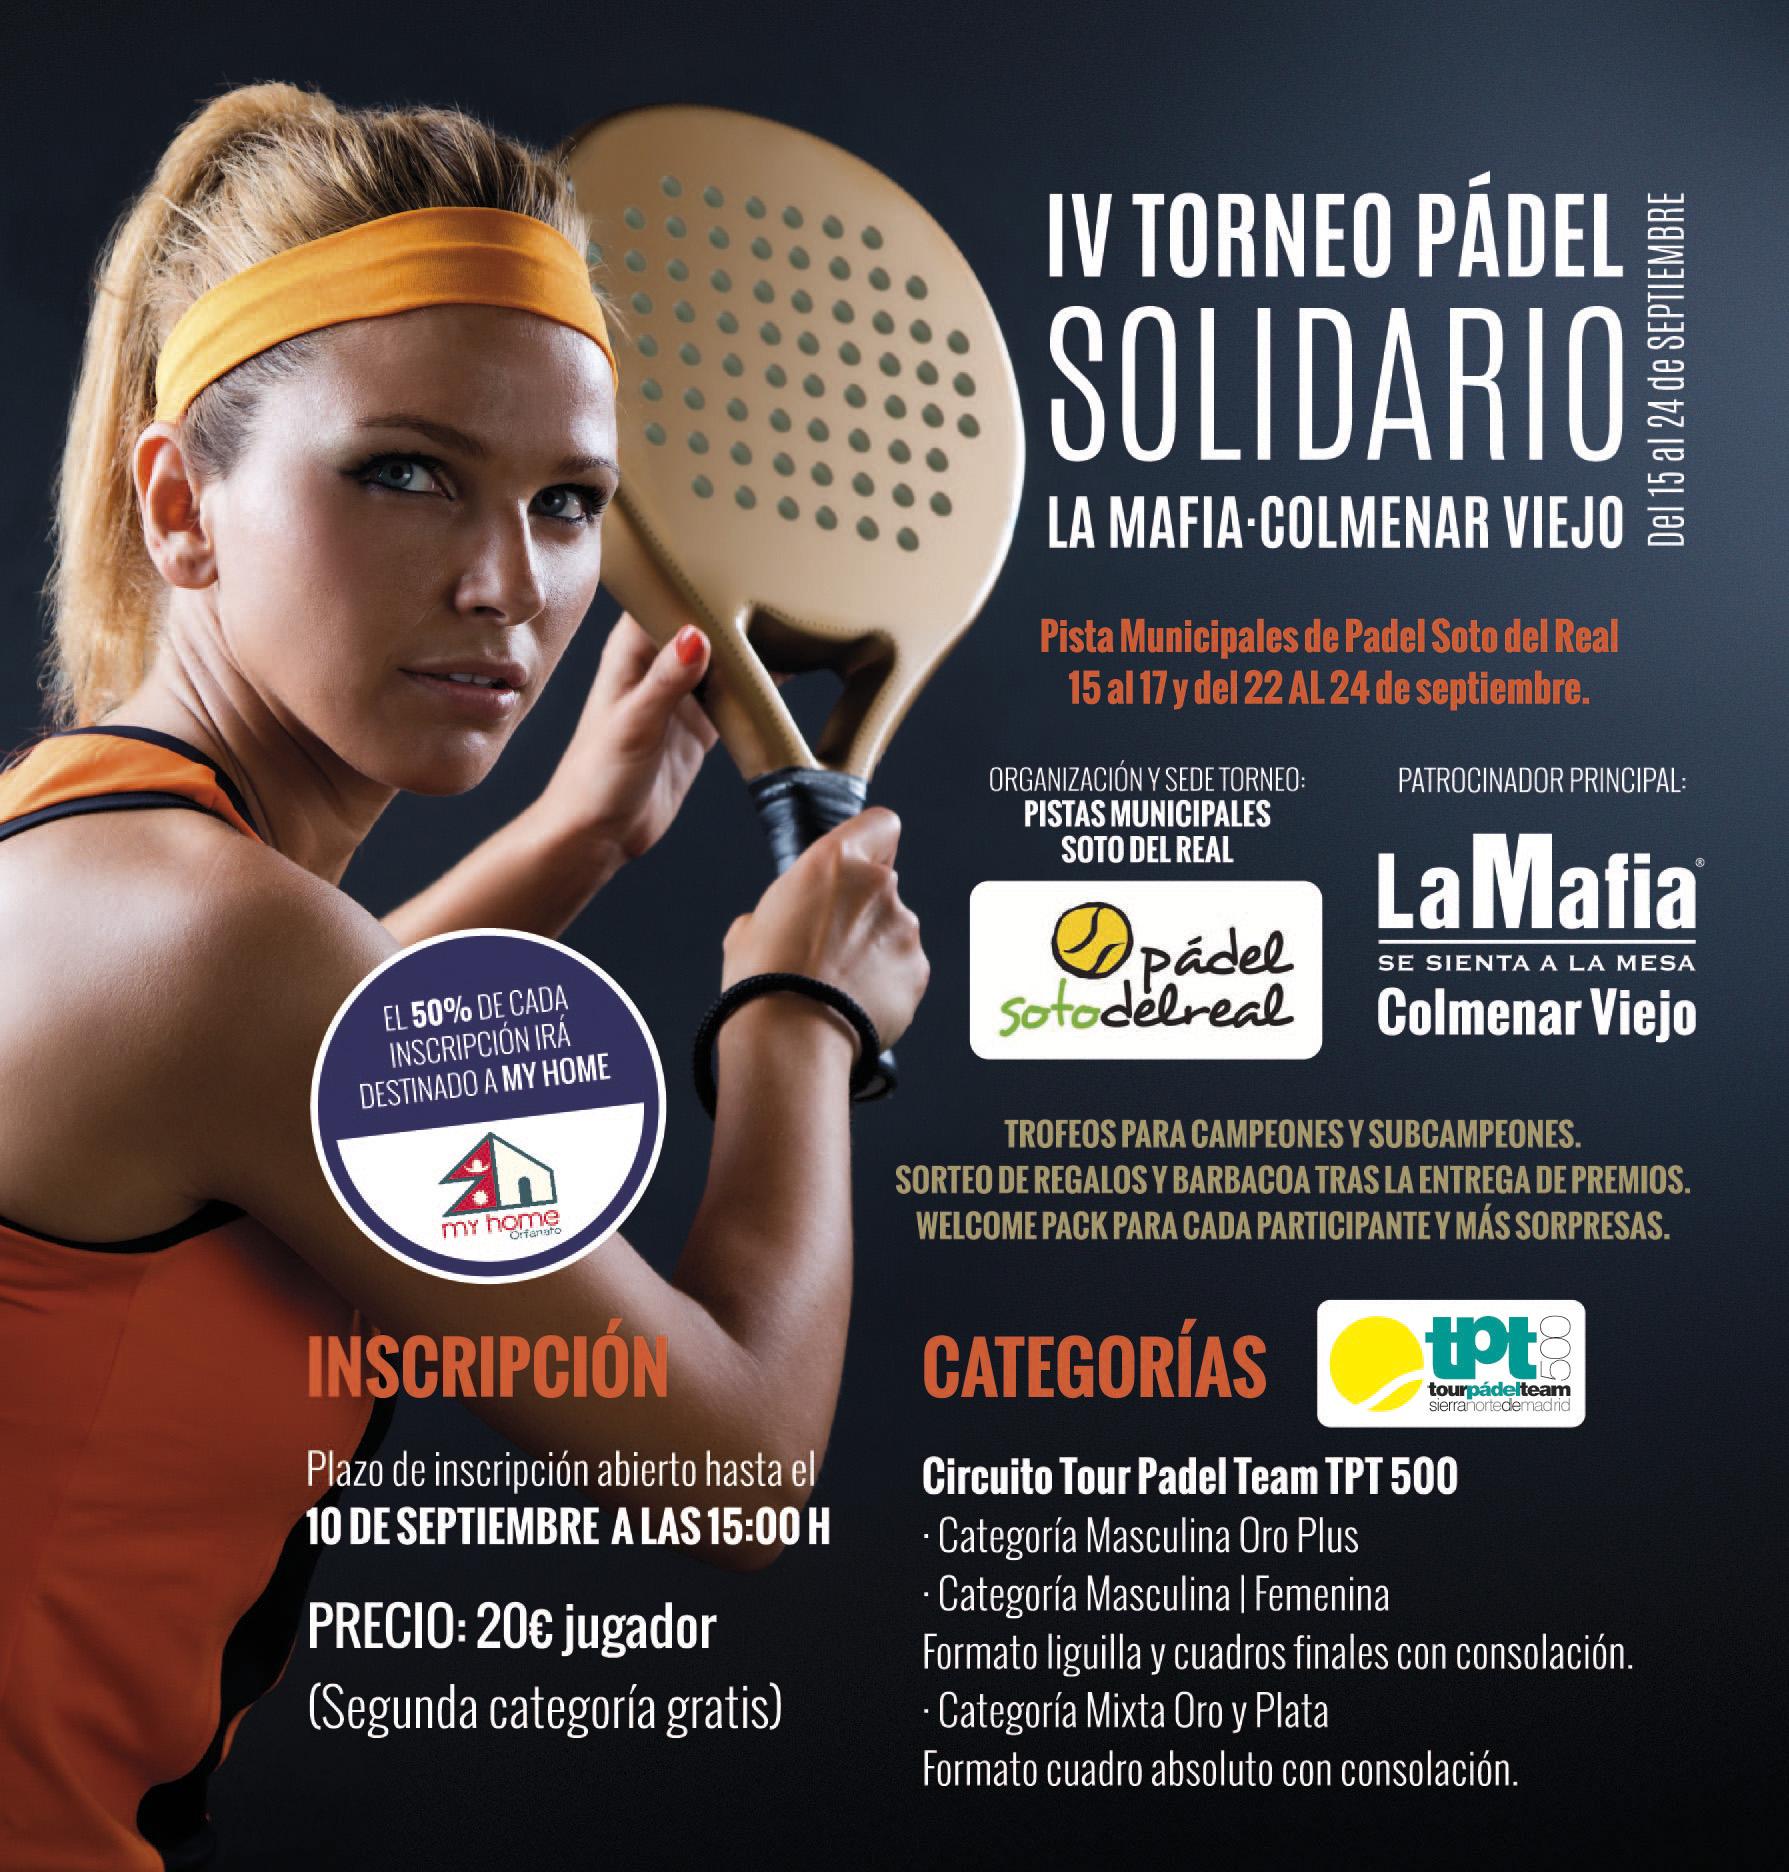 Mailing Torneo Padel Colmenar 2017 - La Mafia se sienta a la mesa Colmenar Viejo presenta su IV torneo solidario de Padel